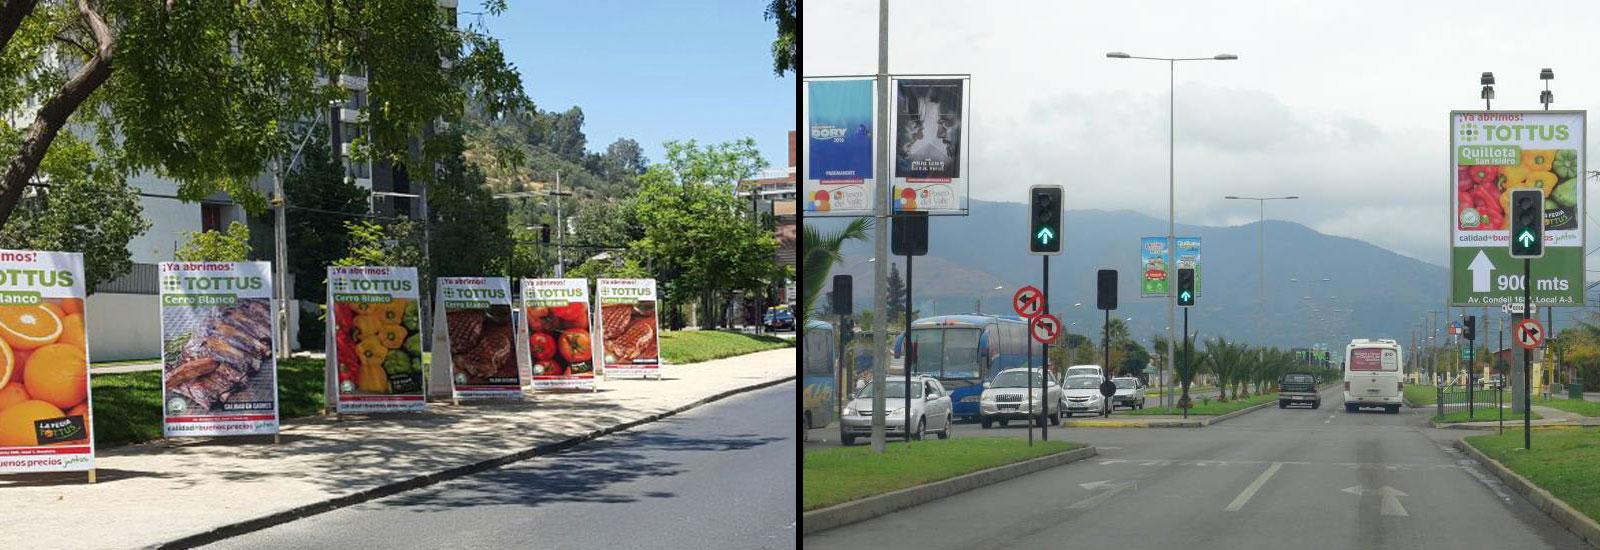 publicidad-y-marketing-estrategico-angelica-cruz-2